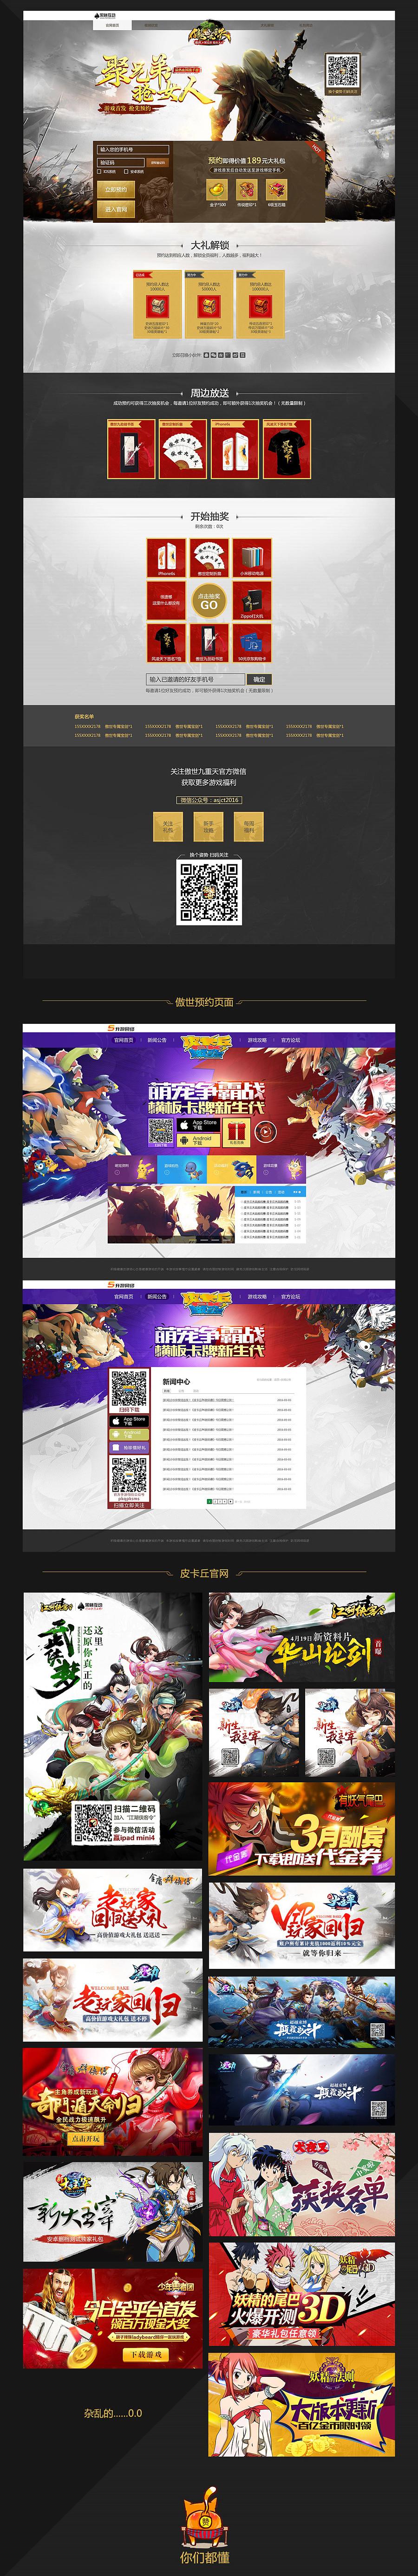 查看《一些页面banner》原图,原图尺寸:1200x7400